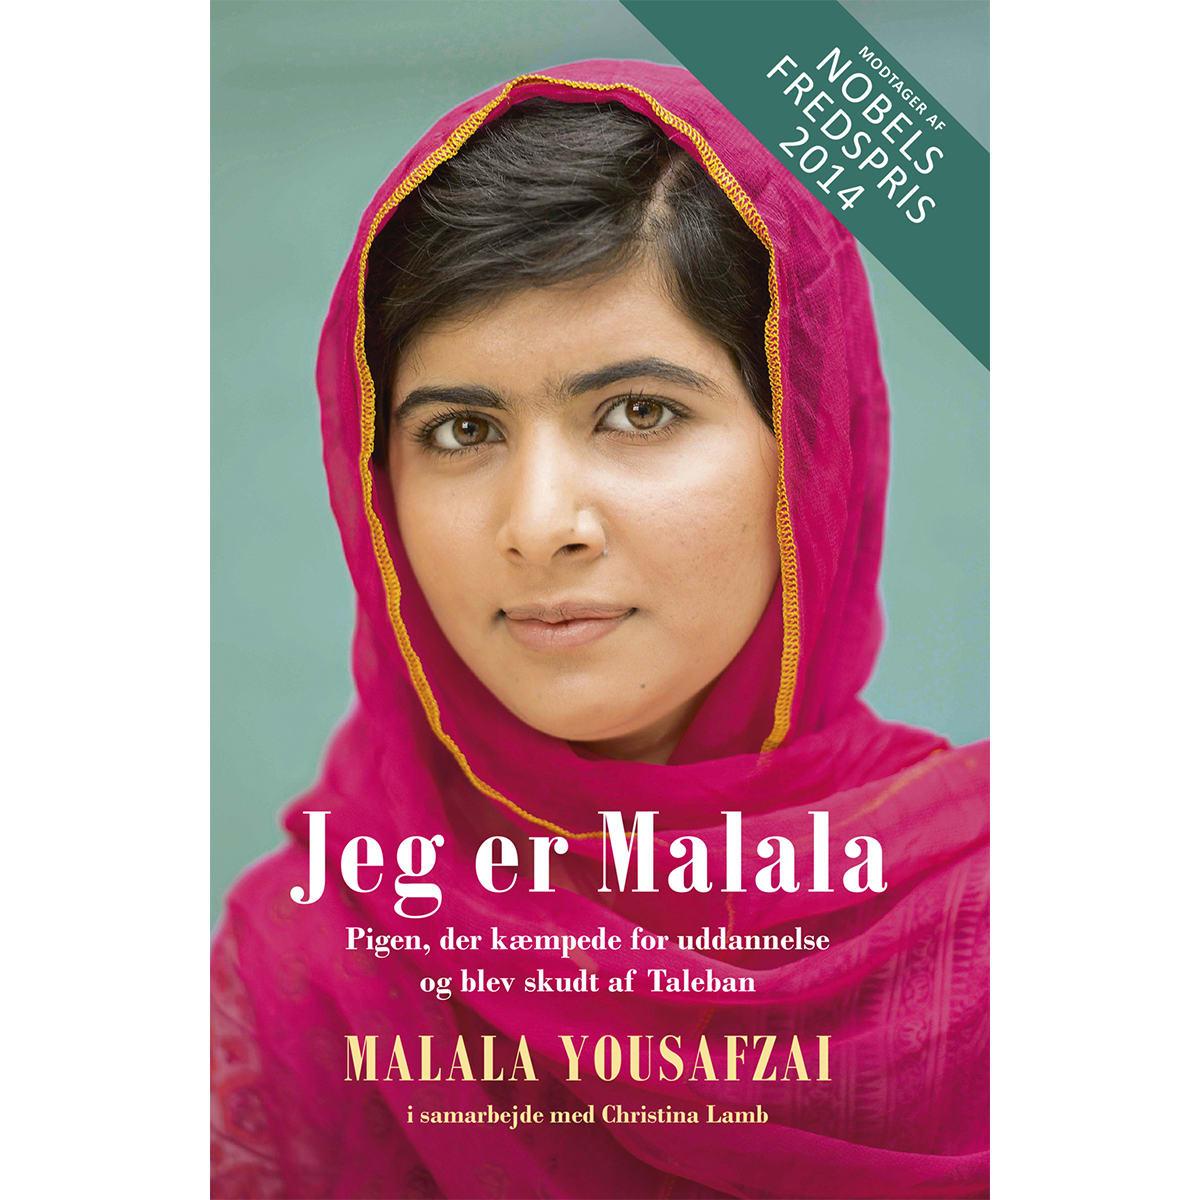 Af Malala Yousafzai & Christina Lamb